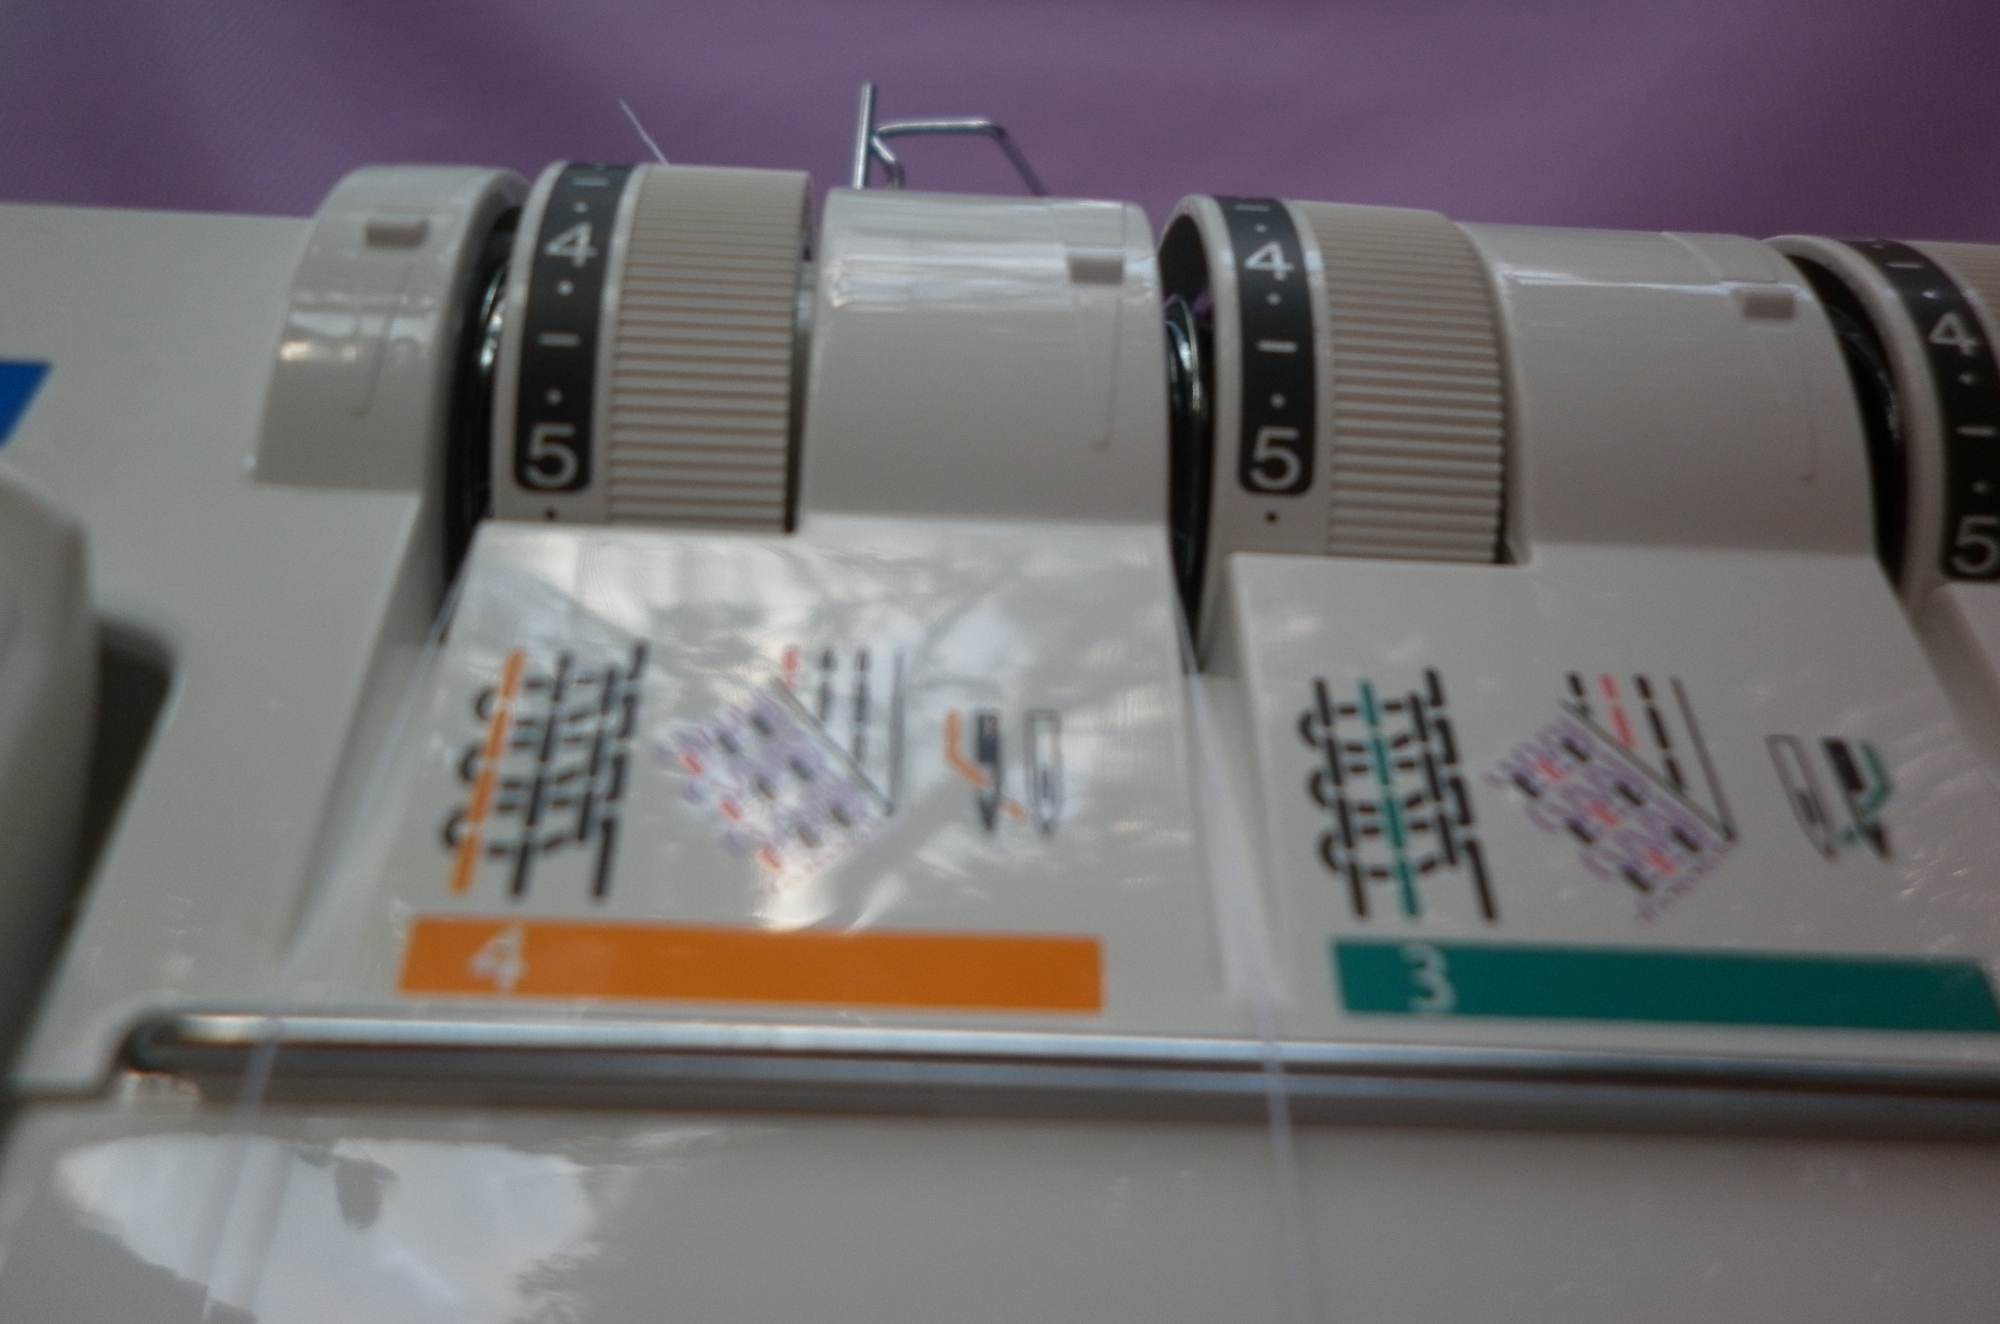 Коверлок JUKI MO 735 ( Оверлок - плоскошовная распошивальная машина ), как правильно распознавать нитки в шве.